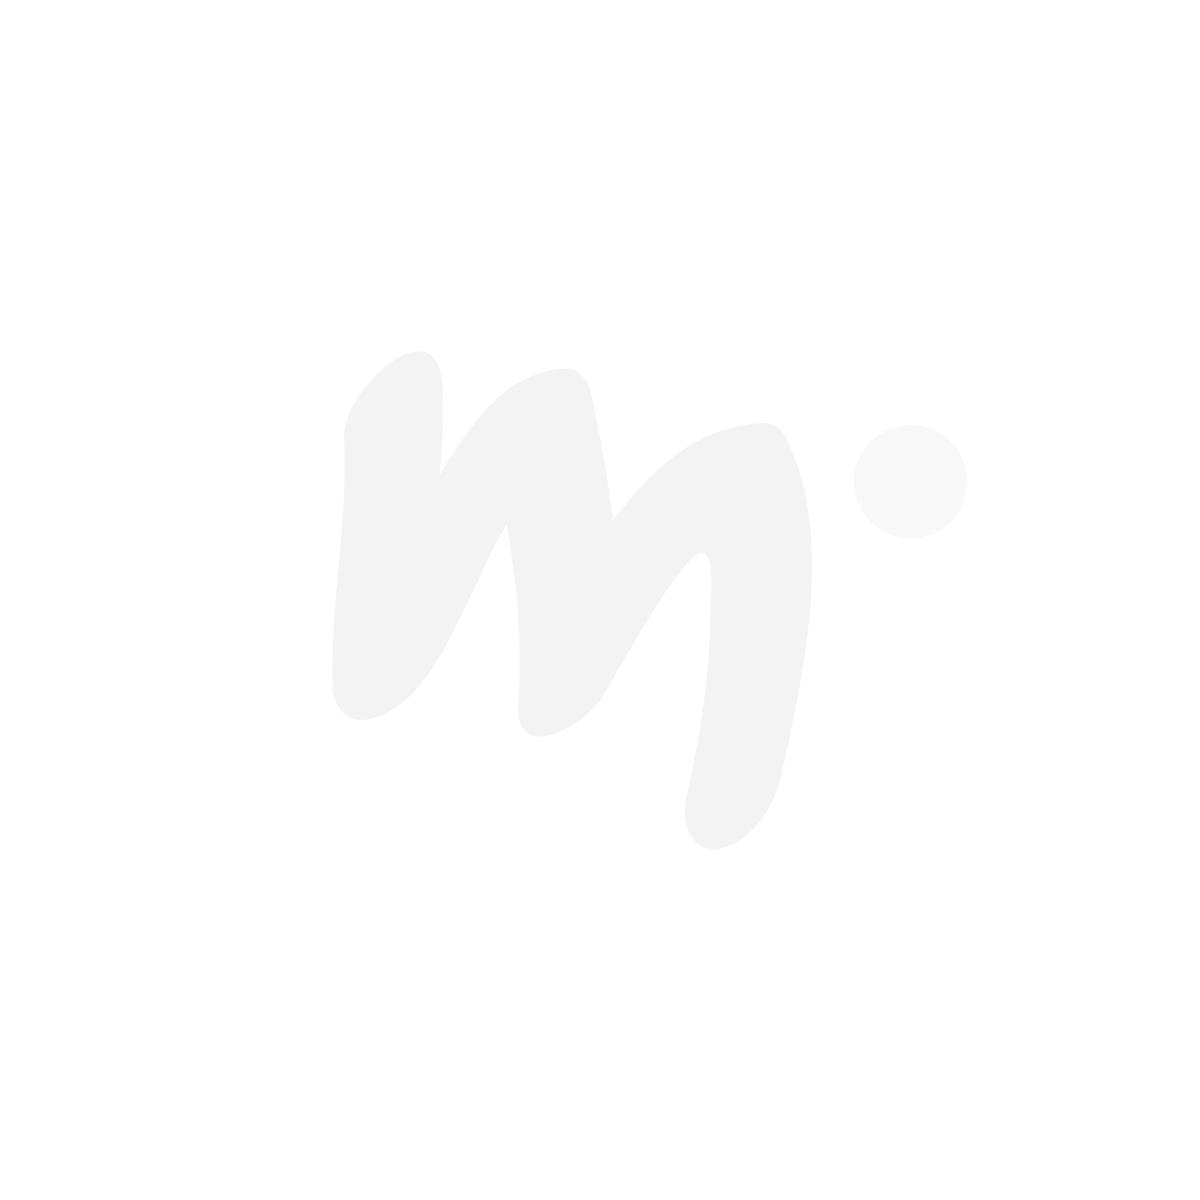 Peppi Pitkätossu Sitaatti-paita vadelma